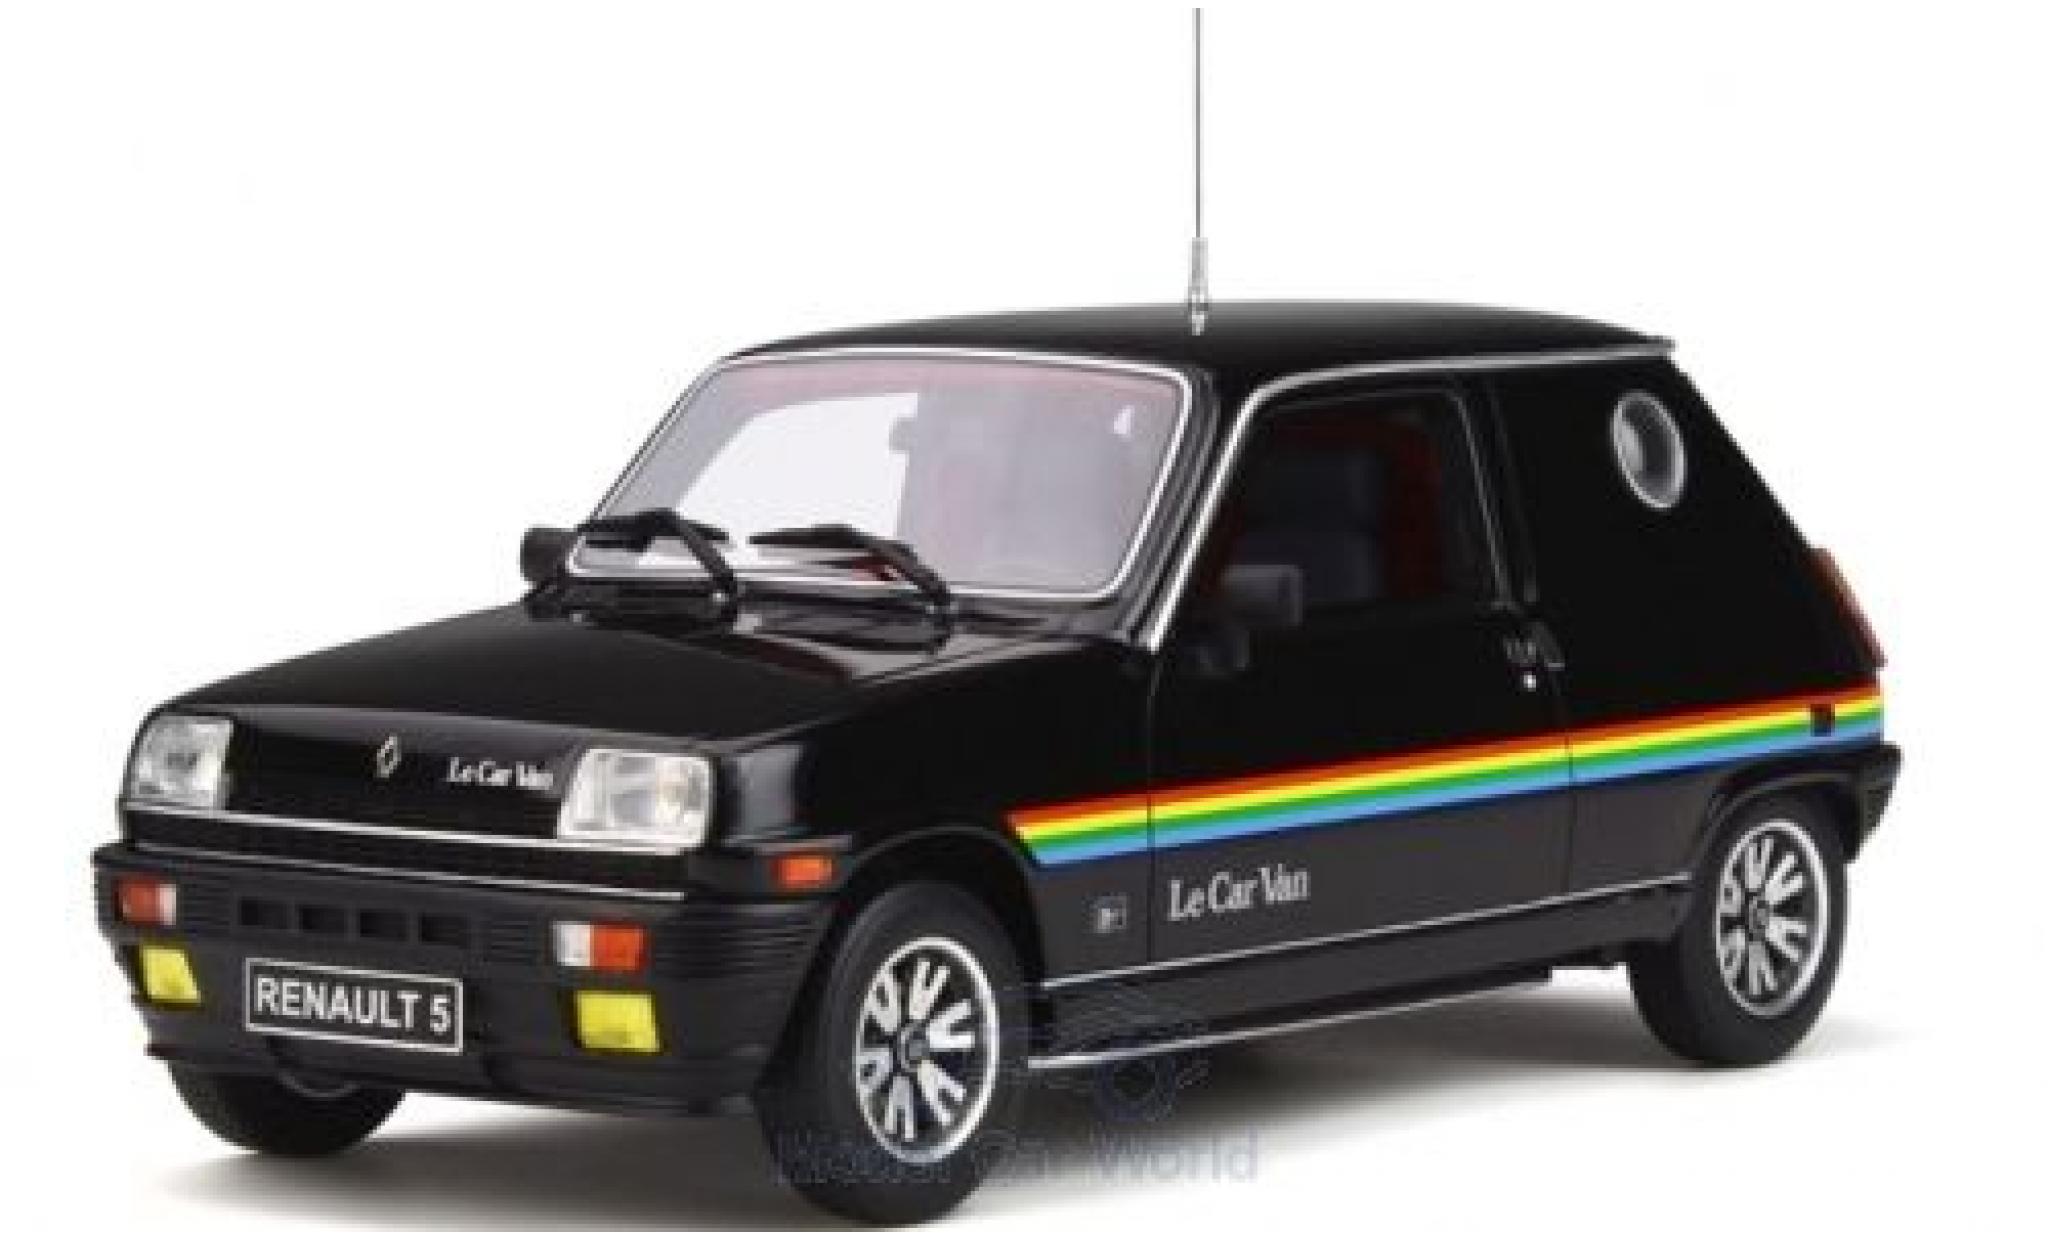 Renault 5 1/18 Ottomobile Le Car Van noire/Dekor 1980